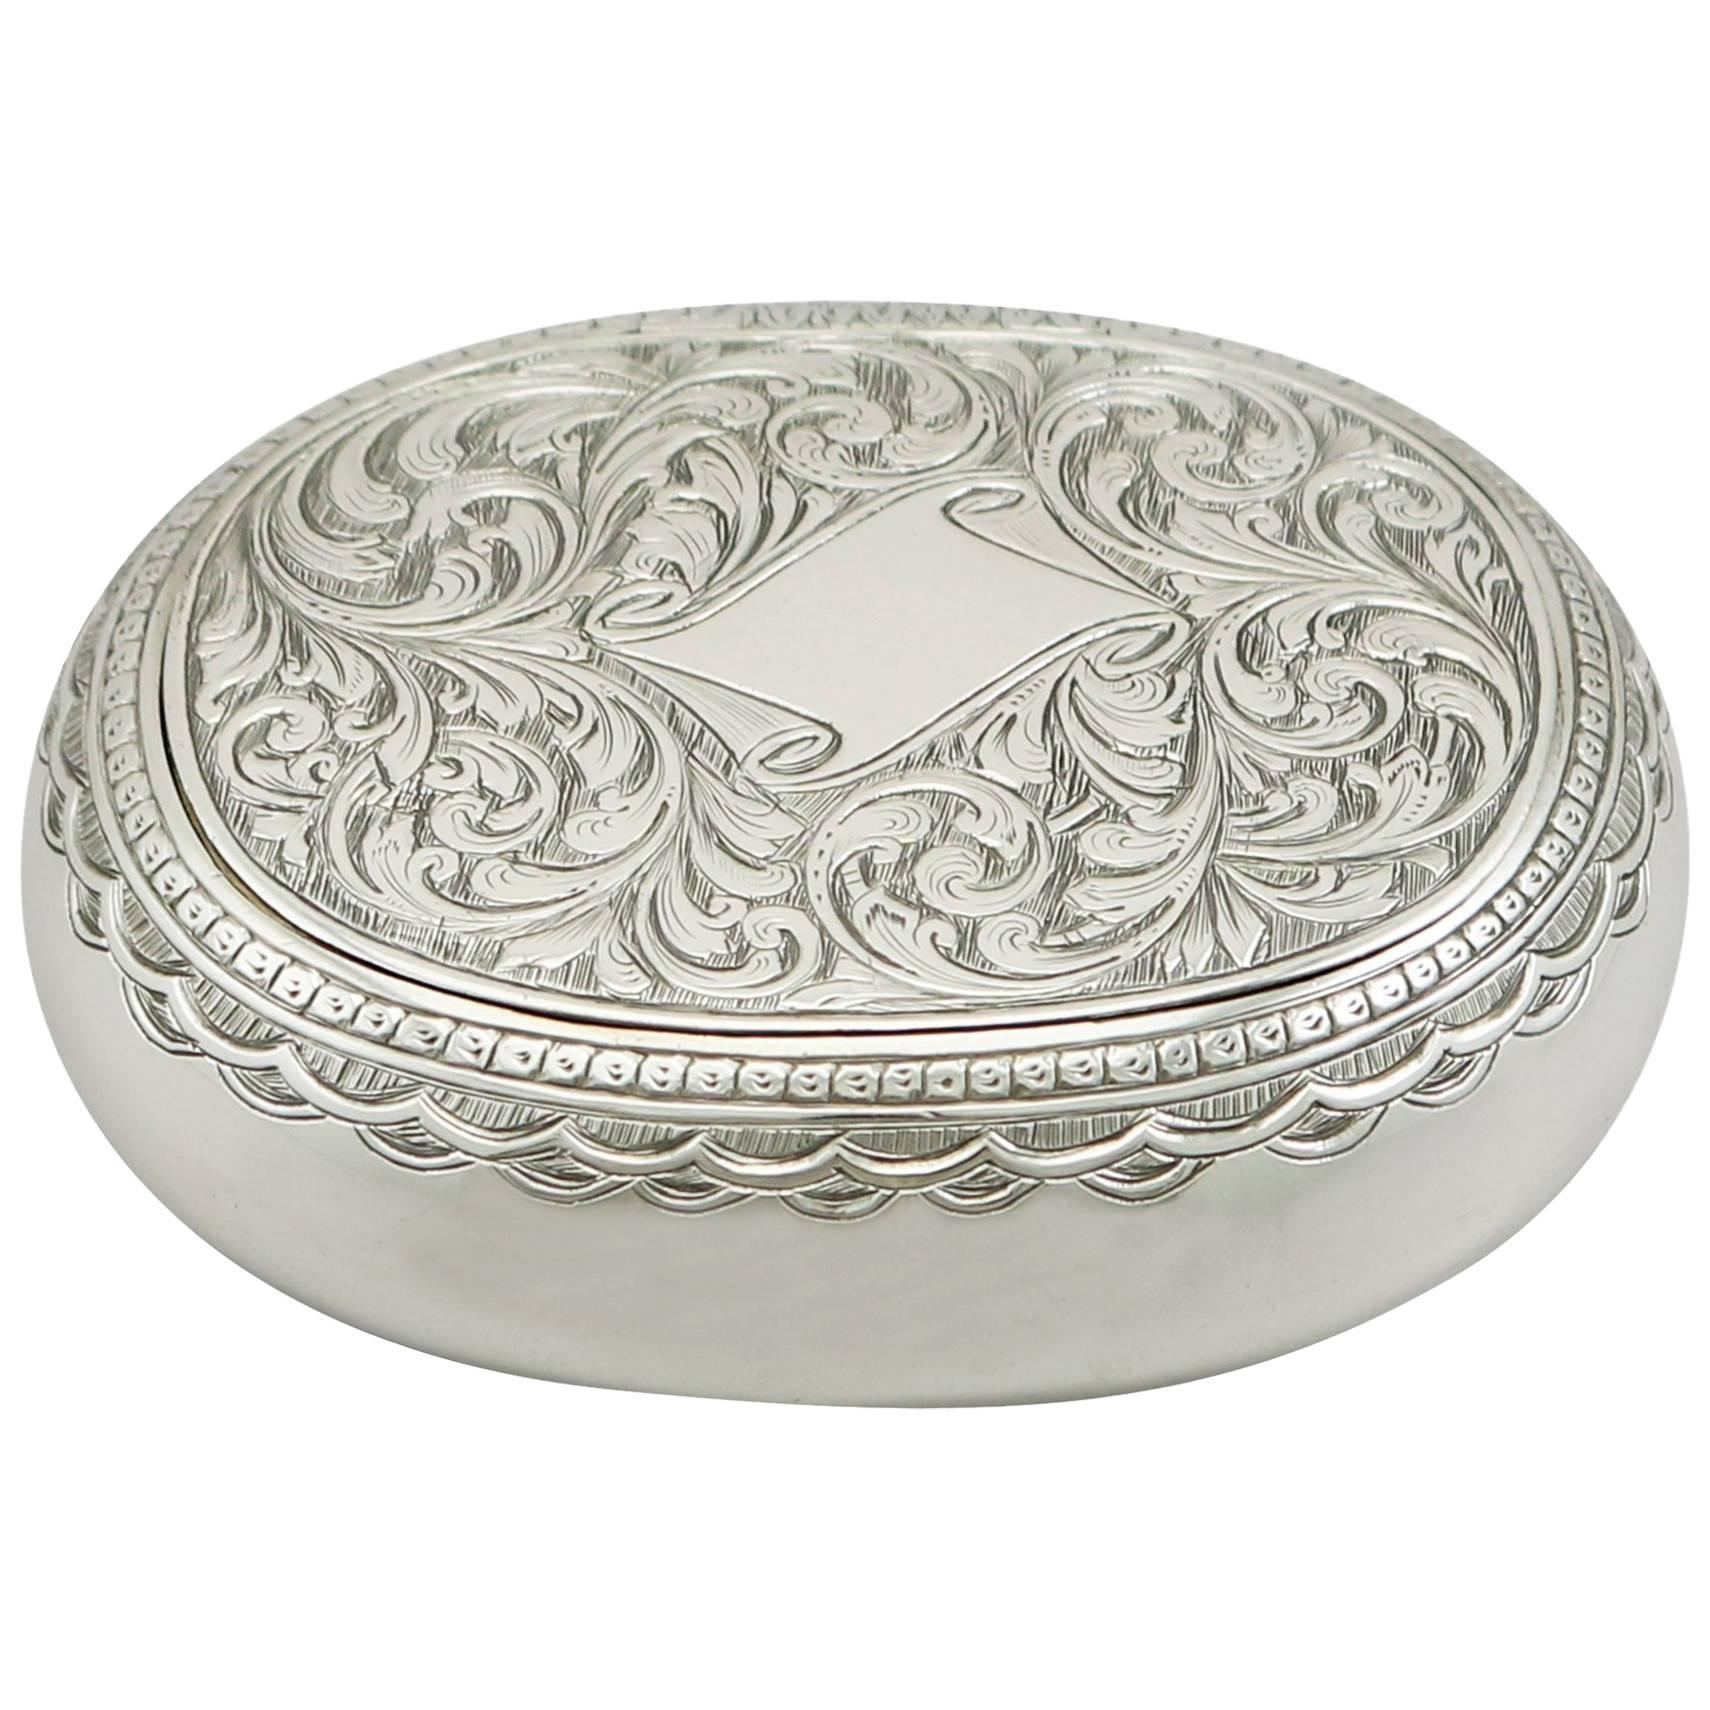 Delightful 1890s Victorian Sterling Silver Tobacco Box